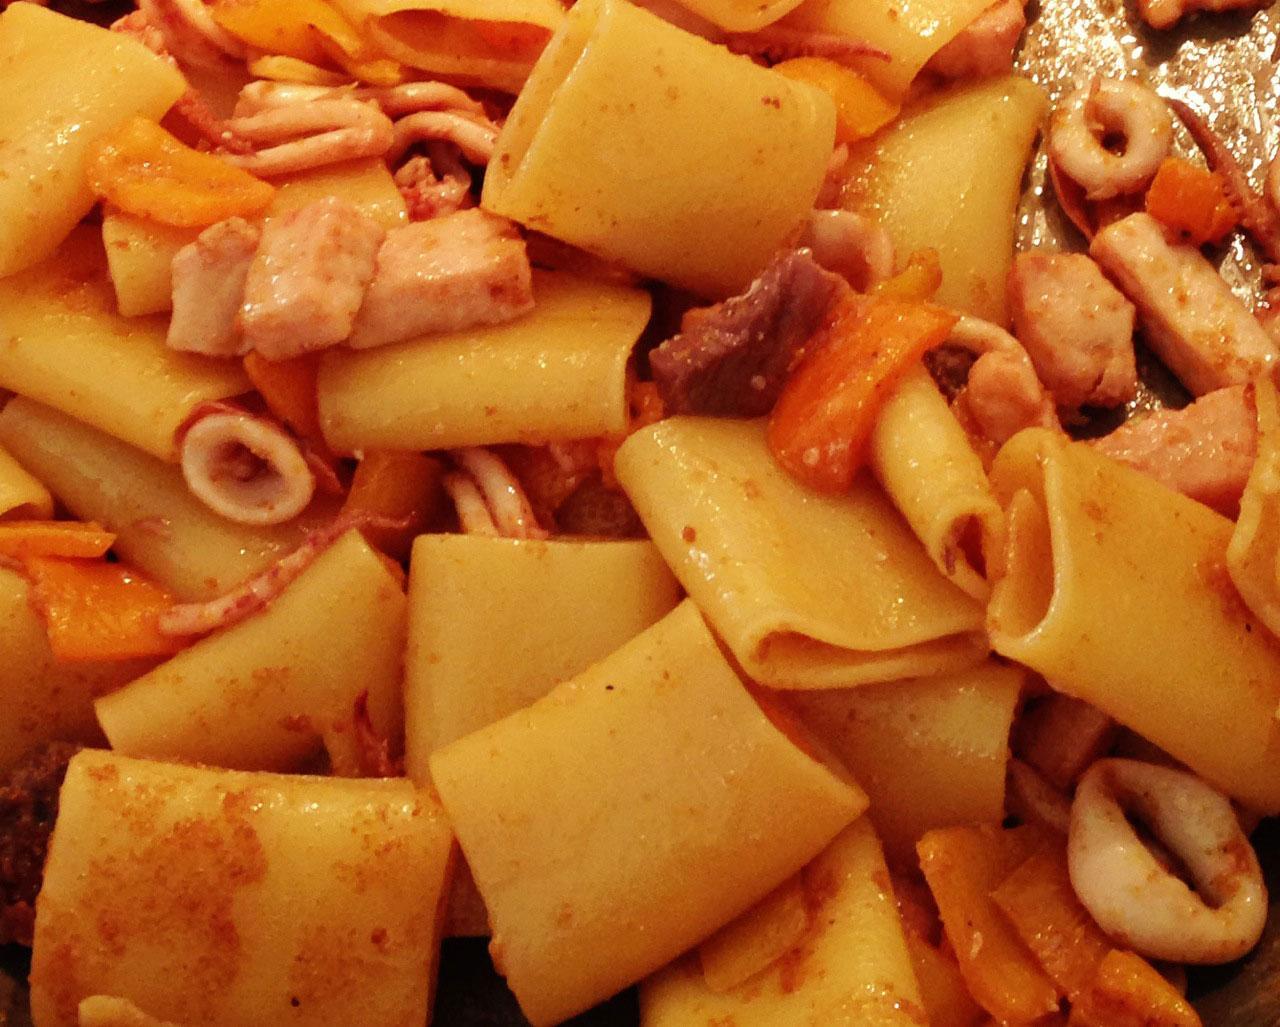 """Paccheri con calamari, pesce spada e peperoni gialli – o formato do paccheri combina maravilhosamente bem com molhos """"pedaçudos"""" feitos especialmente com peixe e frutos do mar – particularmente com lula."""